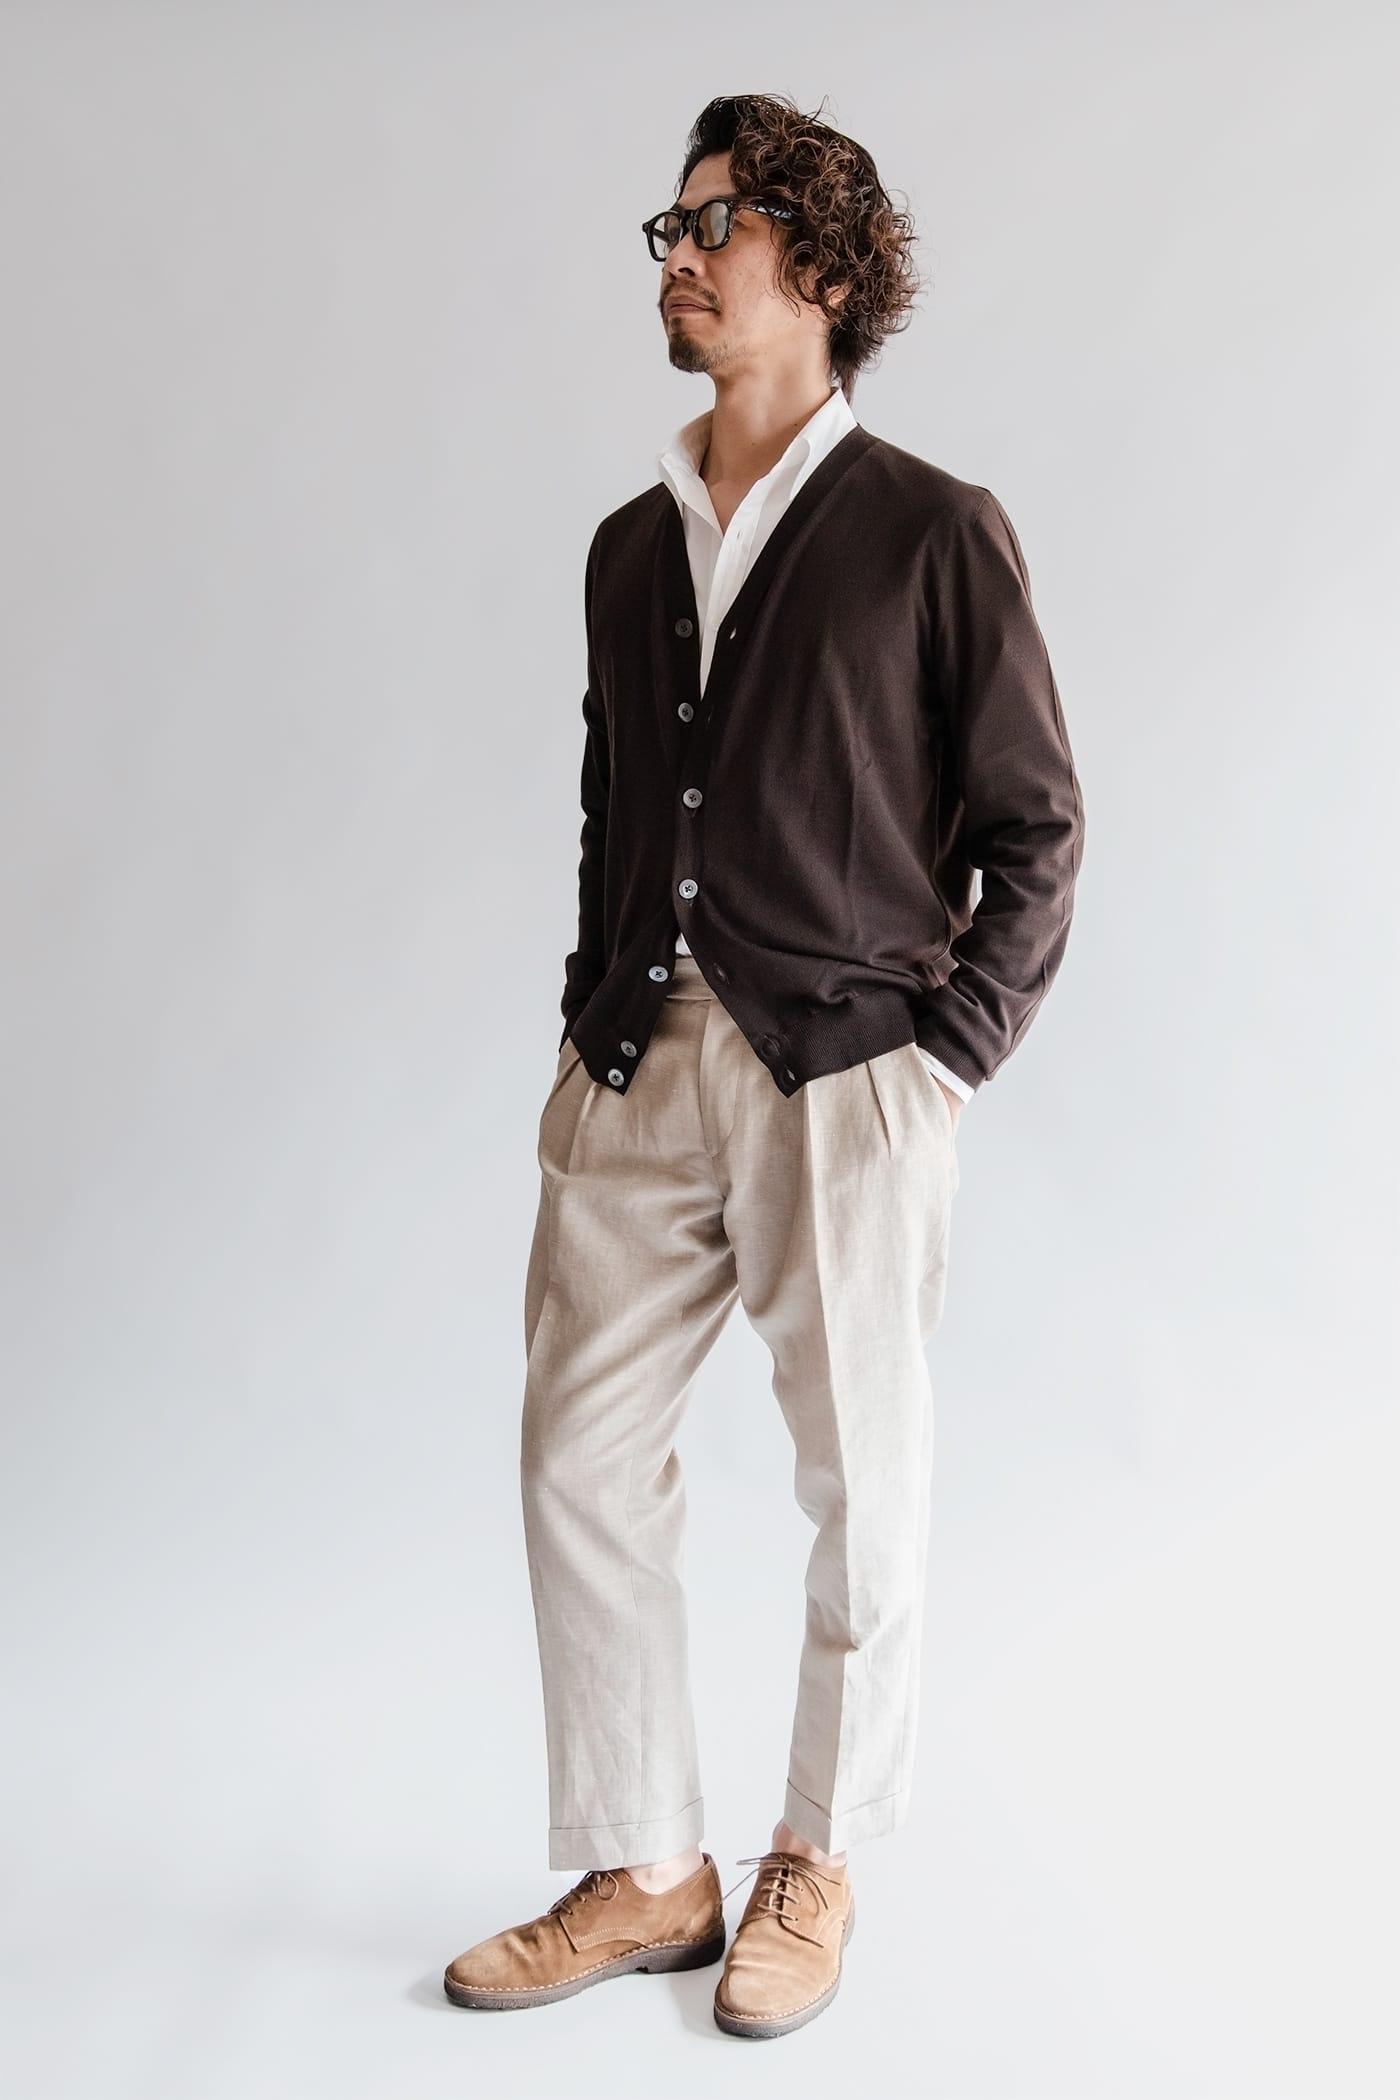 ドレスシャツ「ロンドン」 ノータイで合わせると、襟の軽やかさがさらに引き立つ